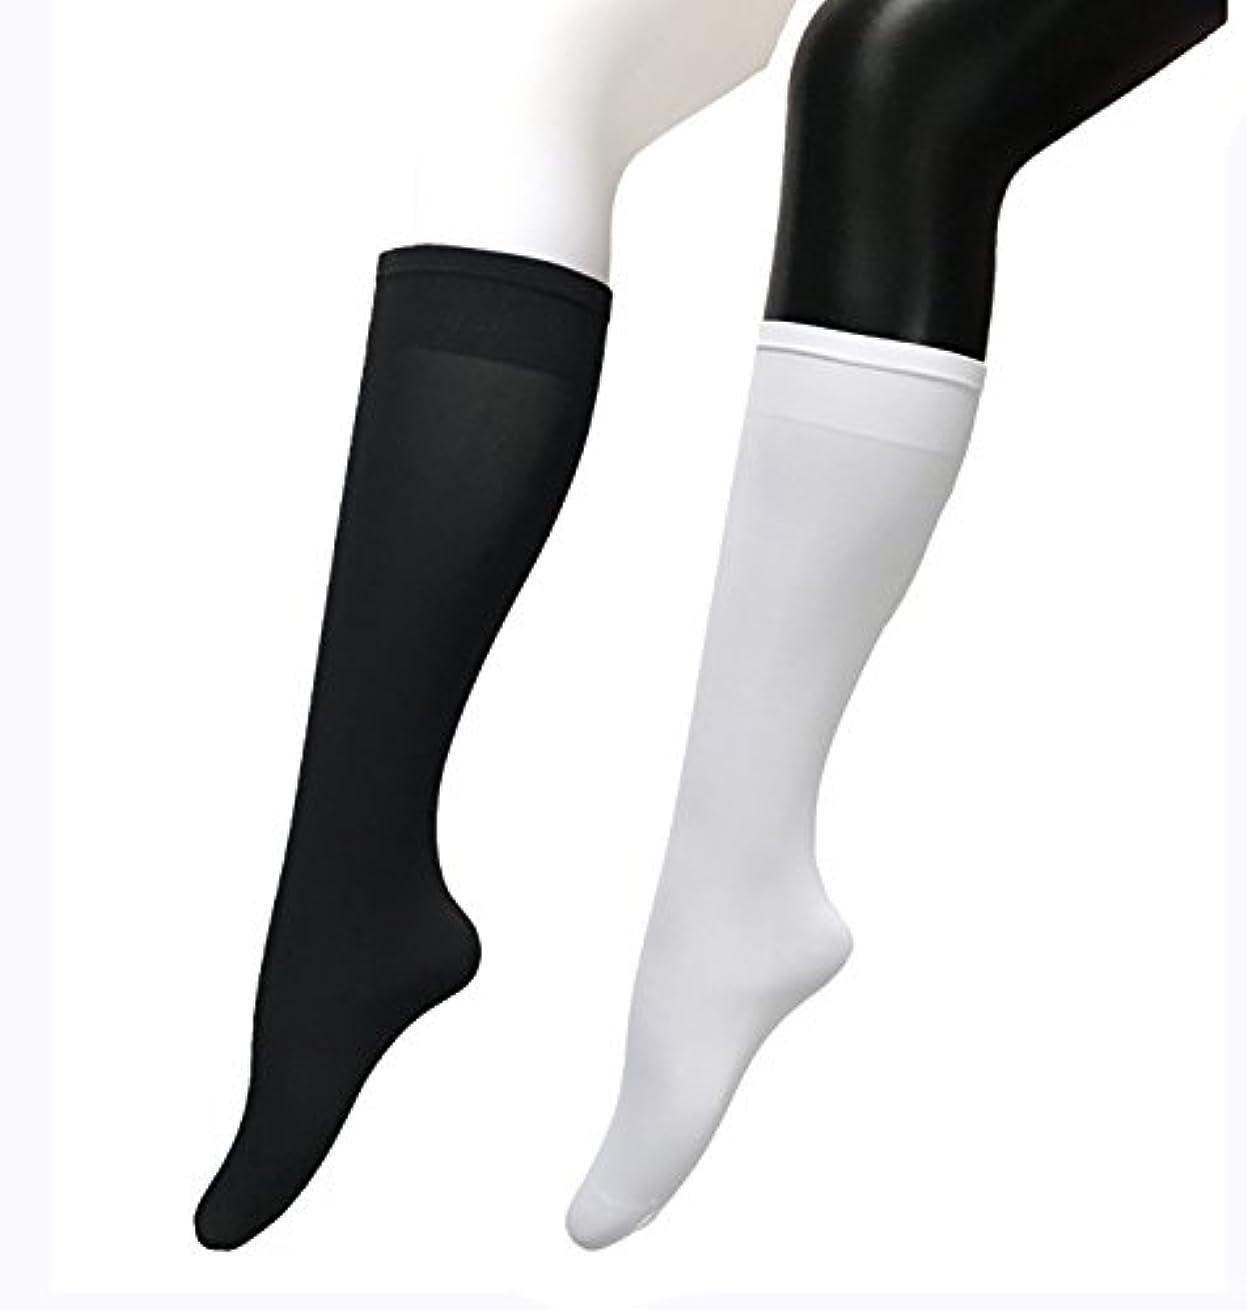 マチュピチュ動物園予言するCOSCO ストッキング ソックス ニーソックス 膝下タイプ 着圧 美脚 40CM